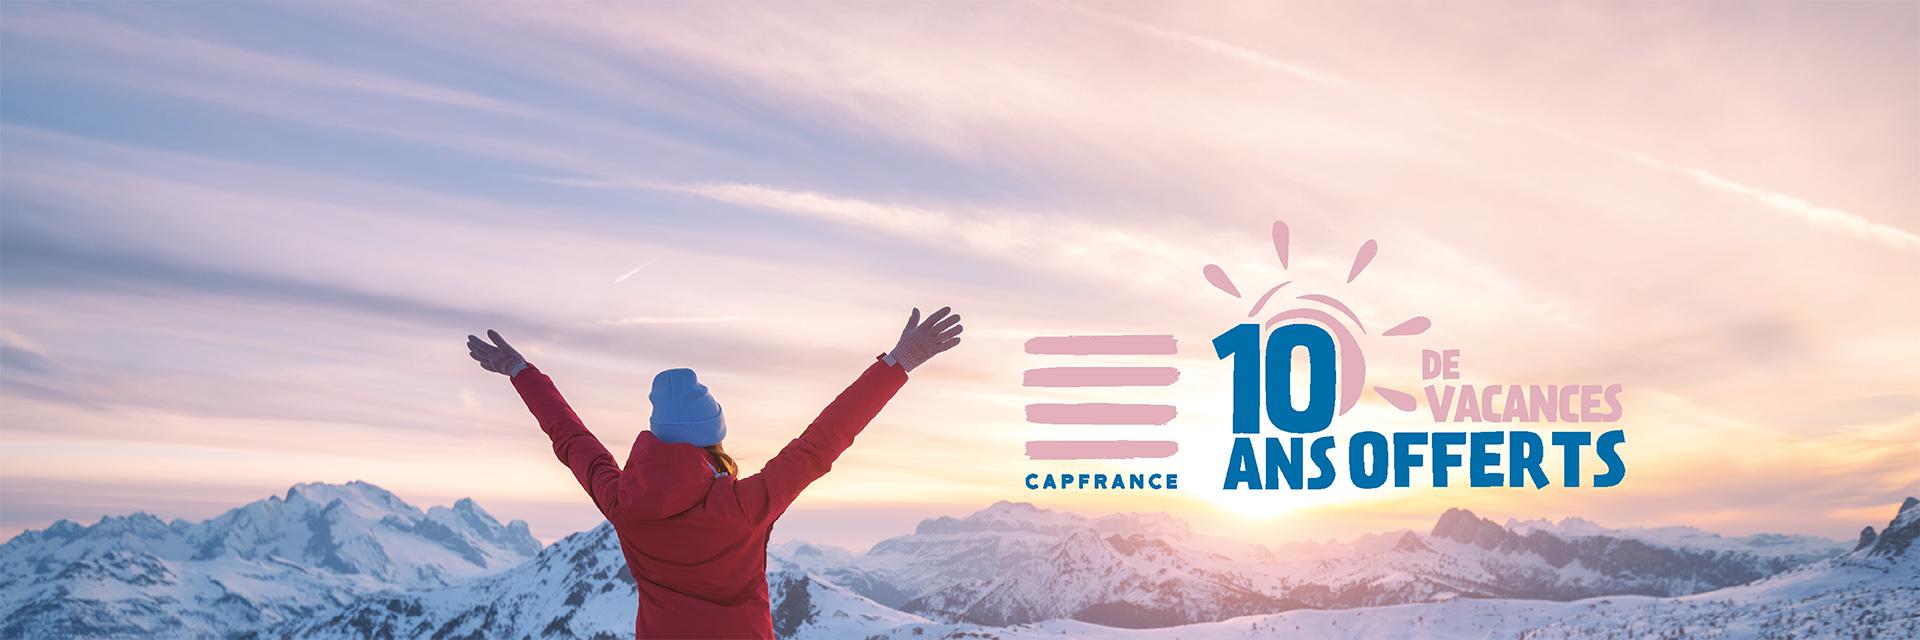 Gagnez 10 ans de vacances chez Cap France